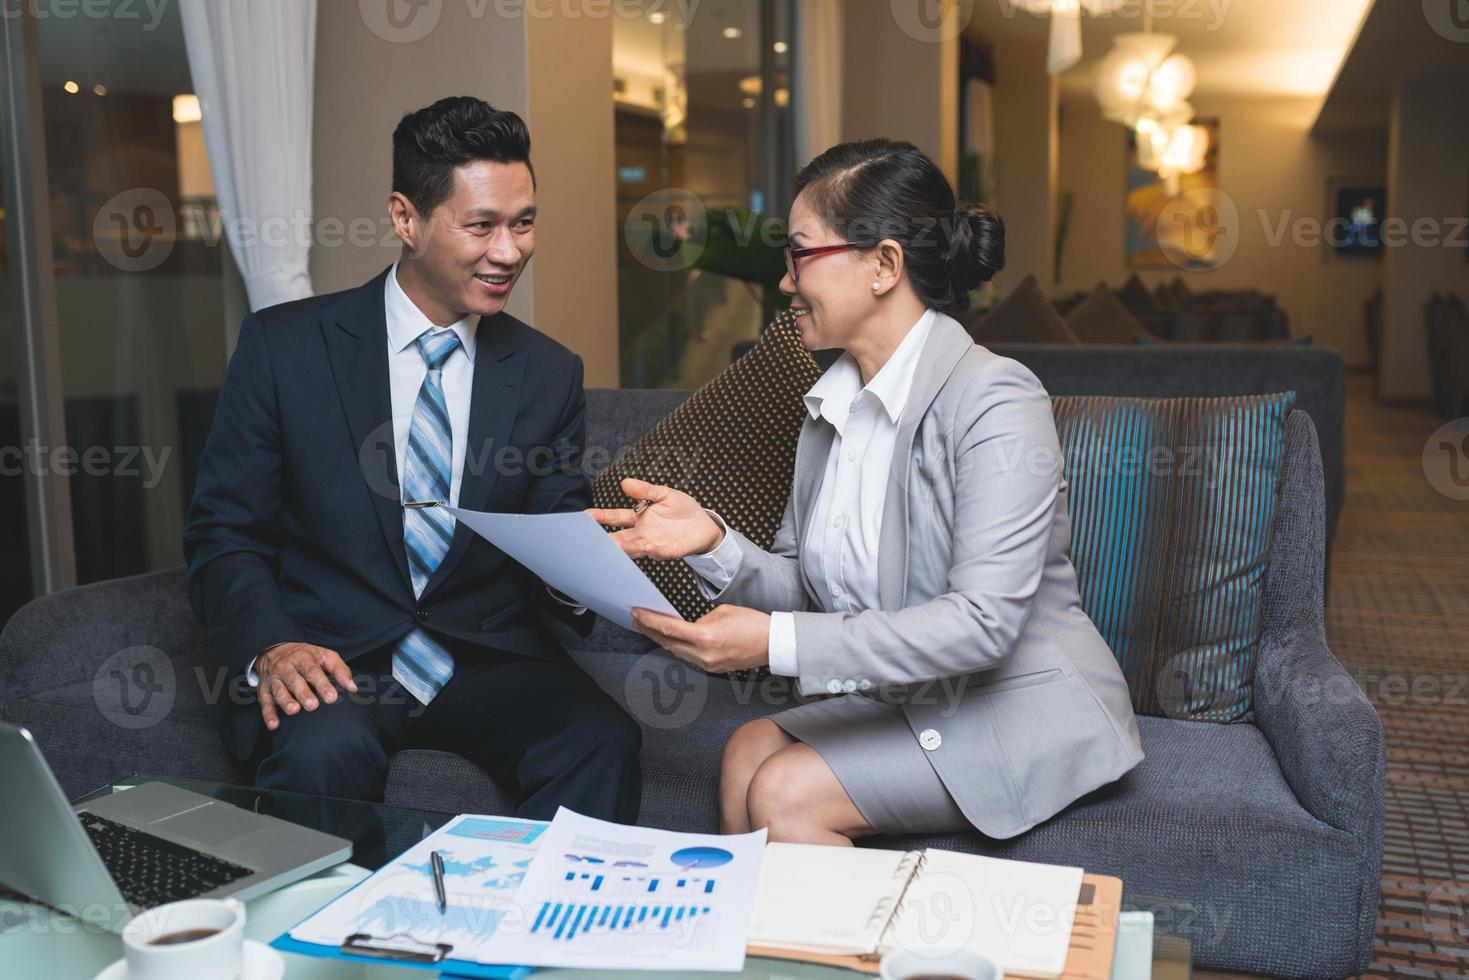 reunião de negócios em ambiente agradável foto